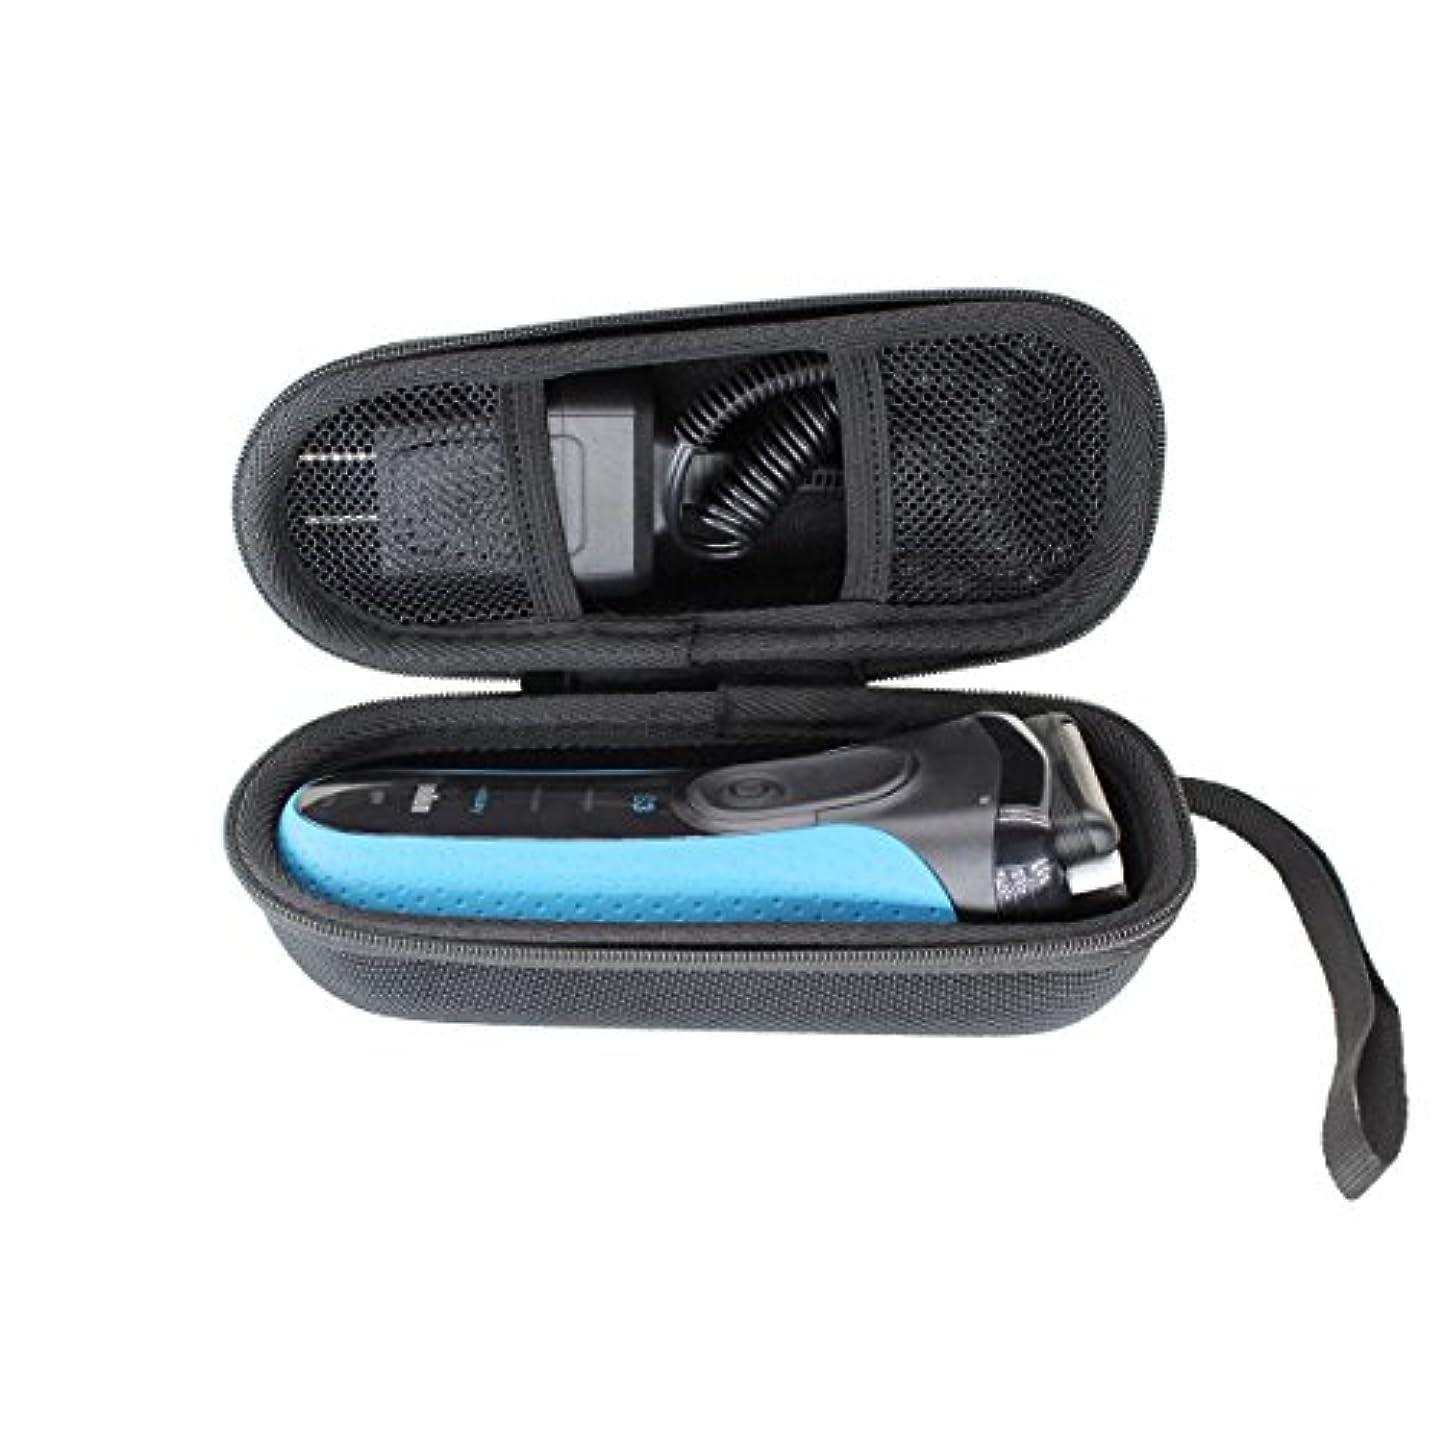 ホスト期間実施するハードポータブル旅行用ケースブラウン シリーズ3 メンズ電気シェーバー 3040s 3020s-VIVENS